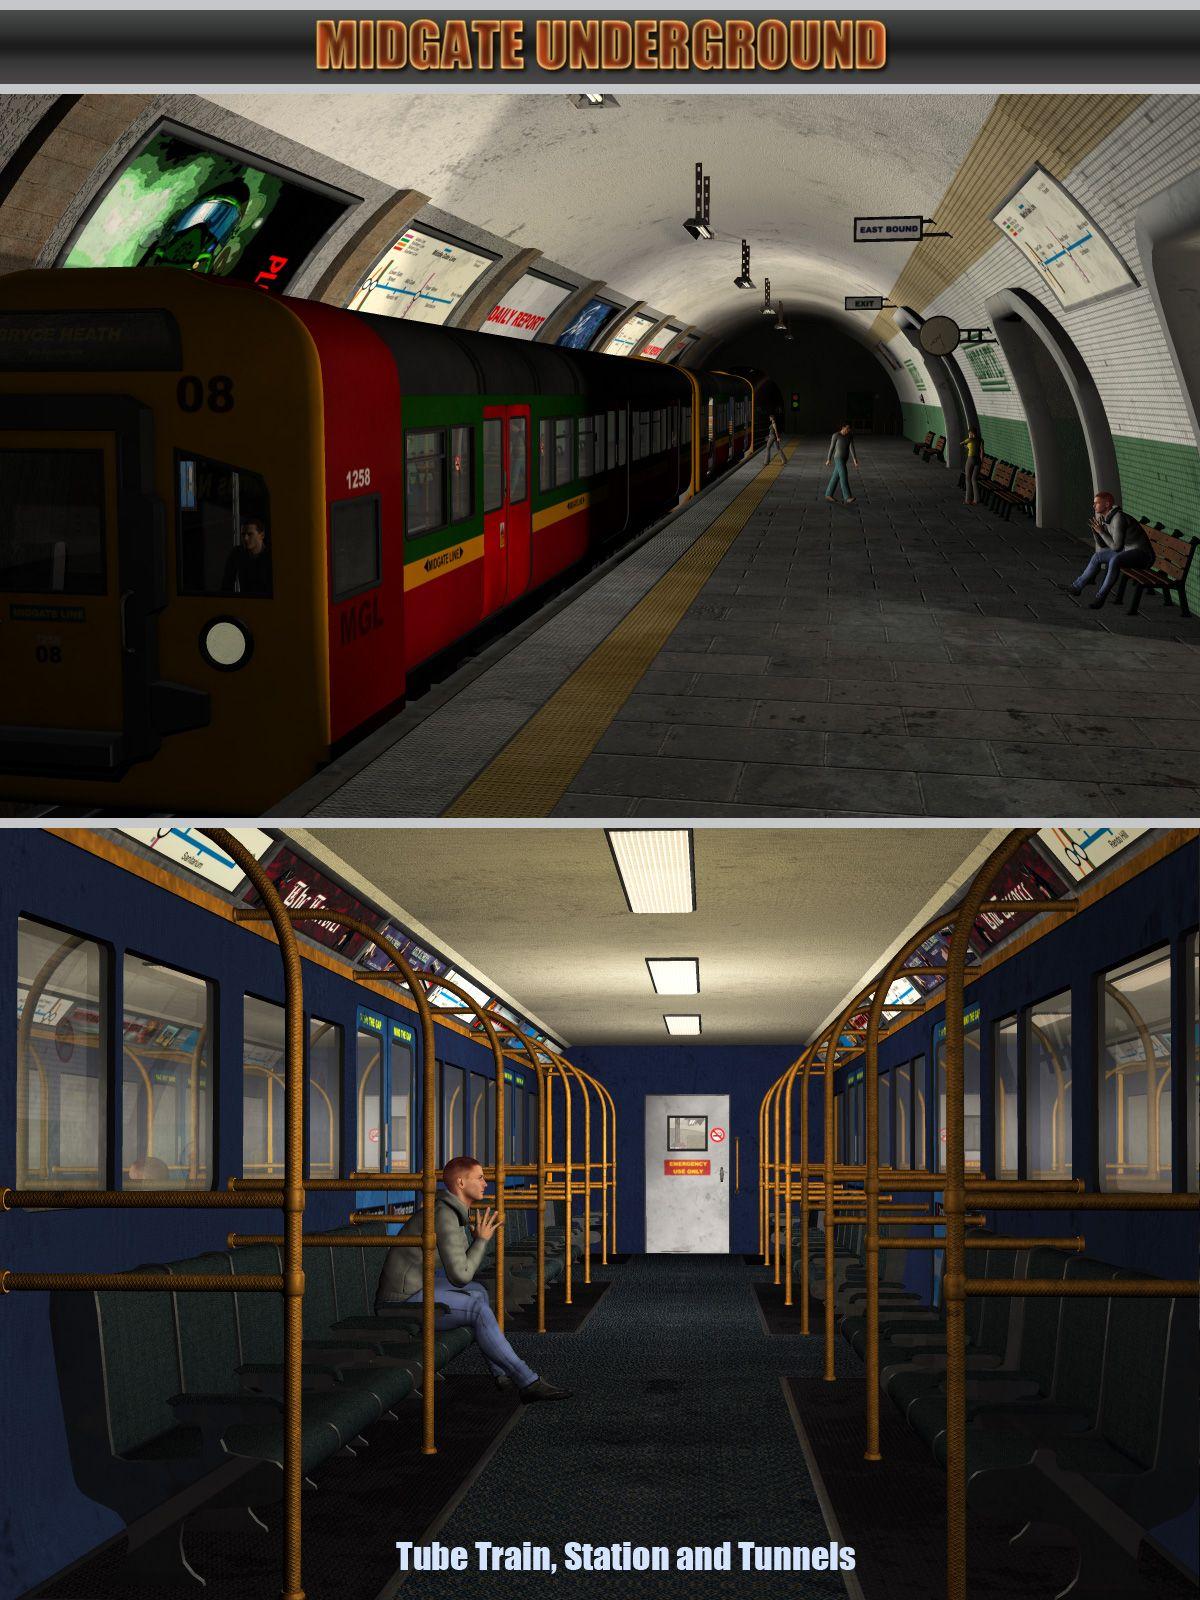 Midgate Underground Tube Station